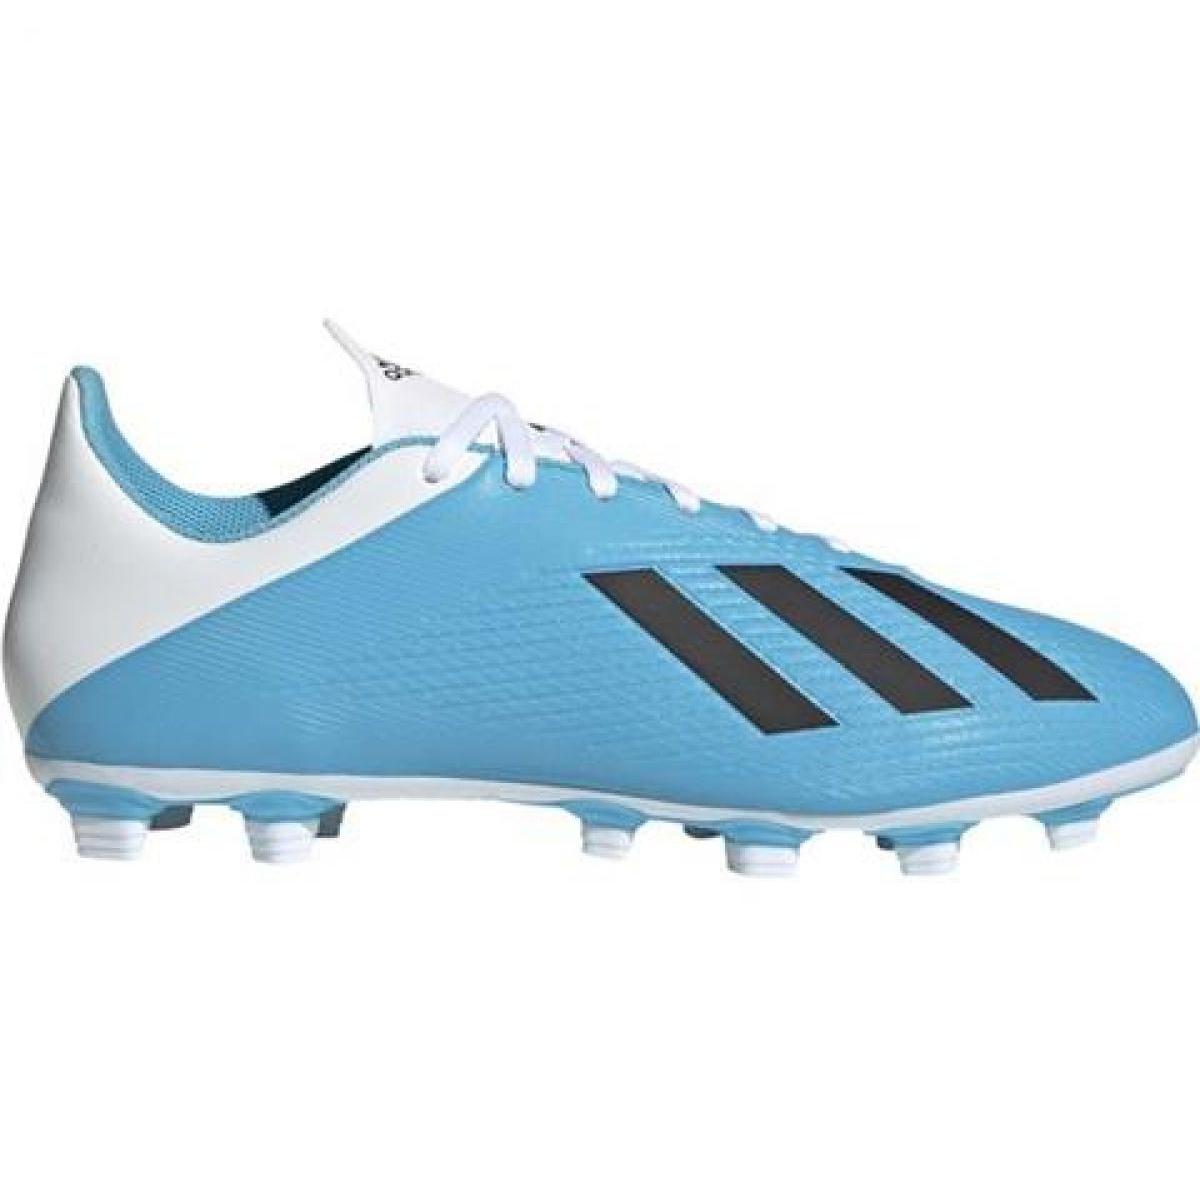 Chuteiras de futebol Adidas X 19.4 FxG M F35378 azul azul